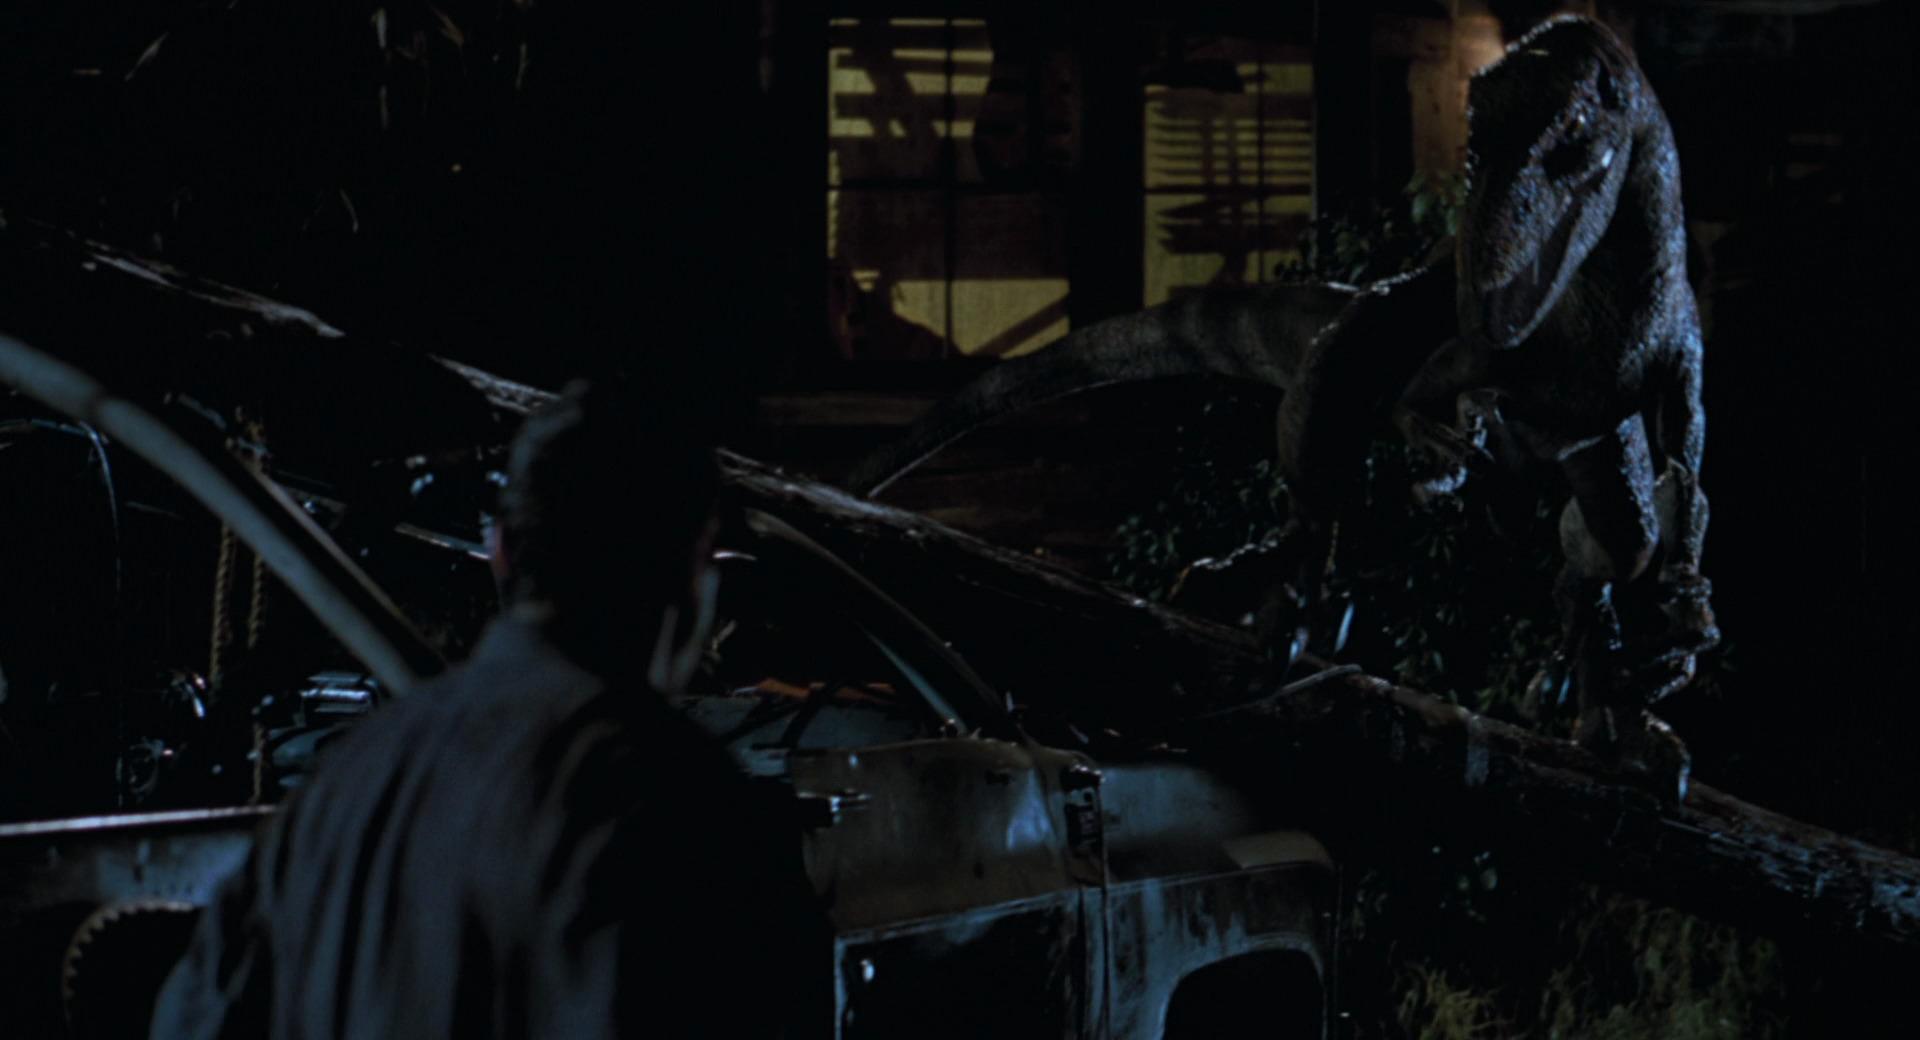 The Lost World Jurassic Park Screencaps are here Jurassic-lost-world-movie-screencaps.com-11078